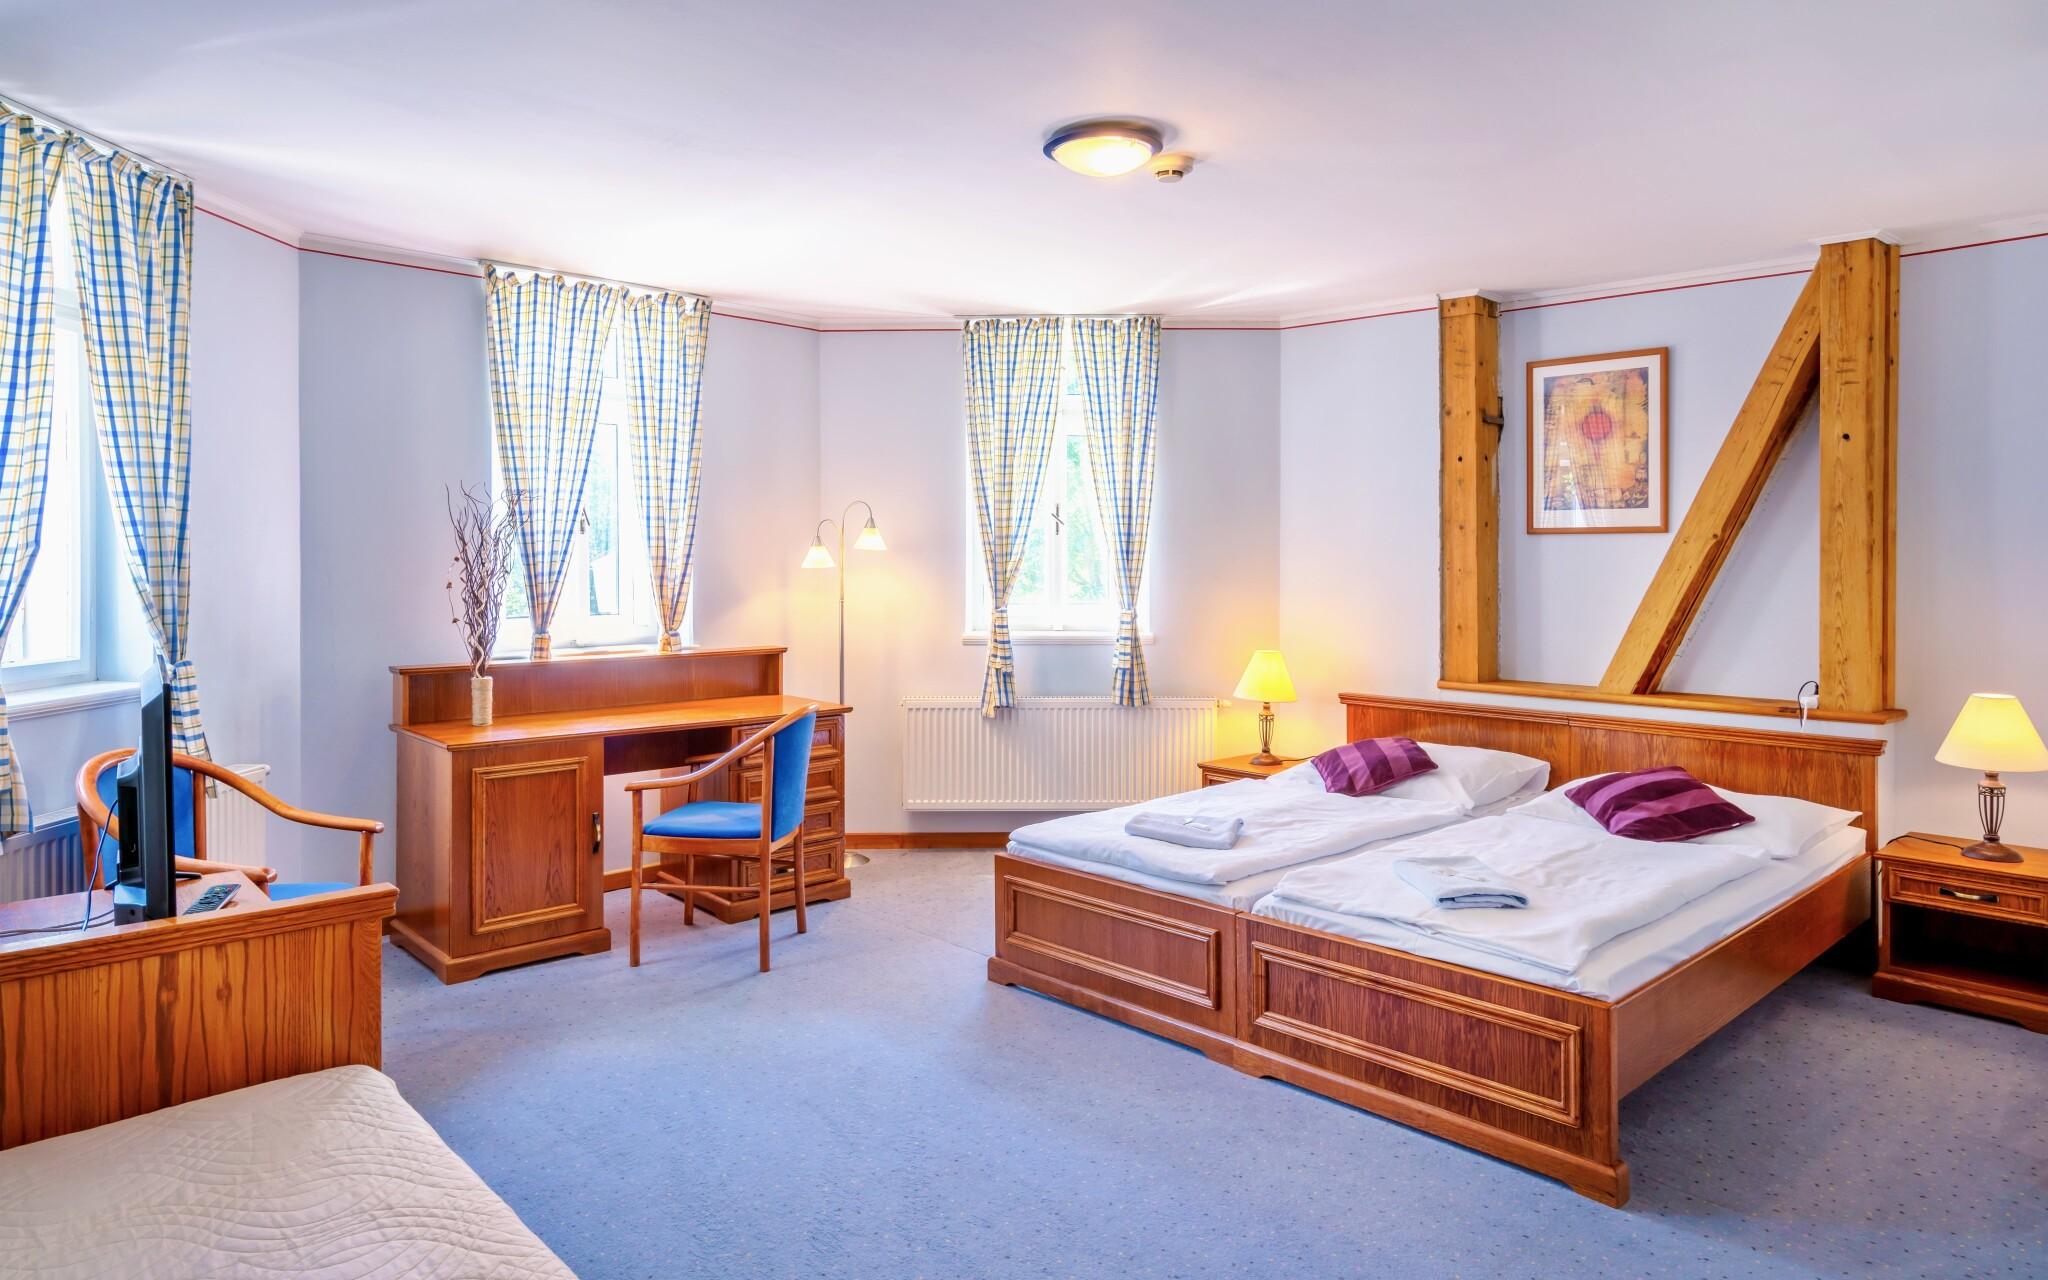 Pokoje jsou dostatečně prostorné, Pension Vila Julie